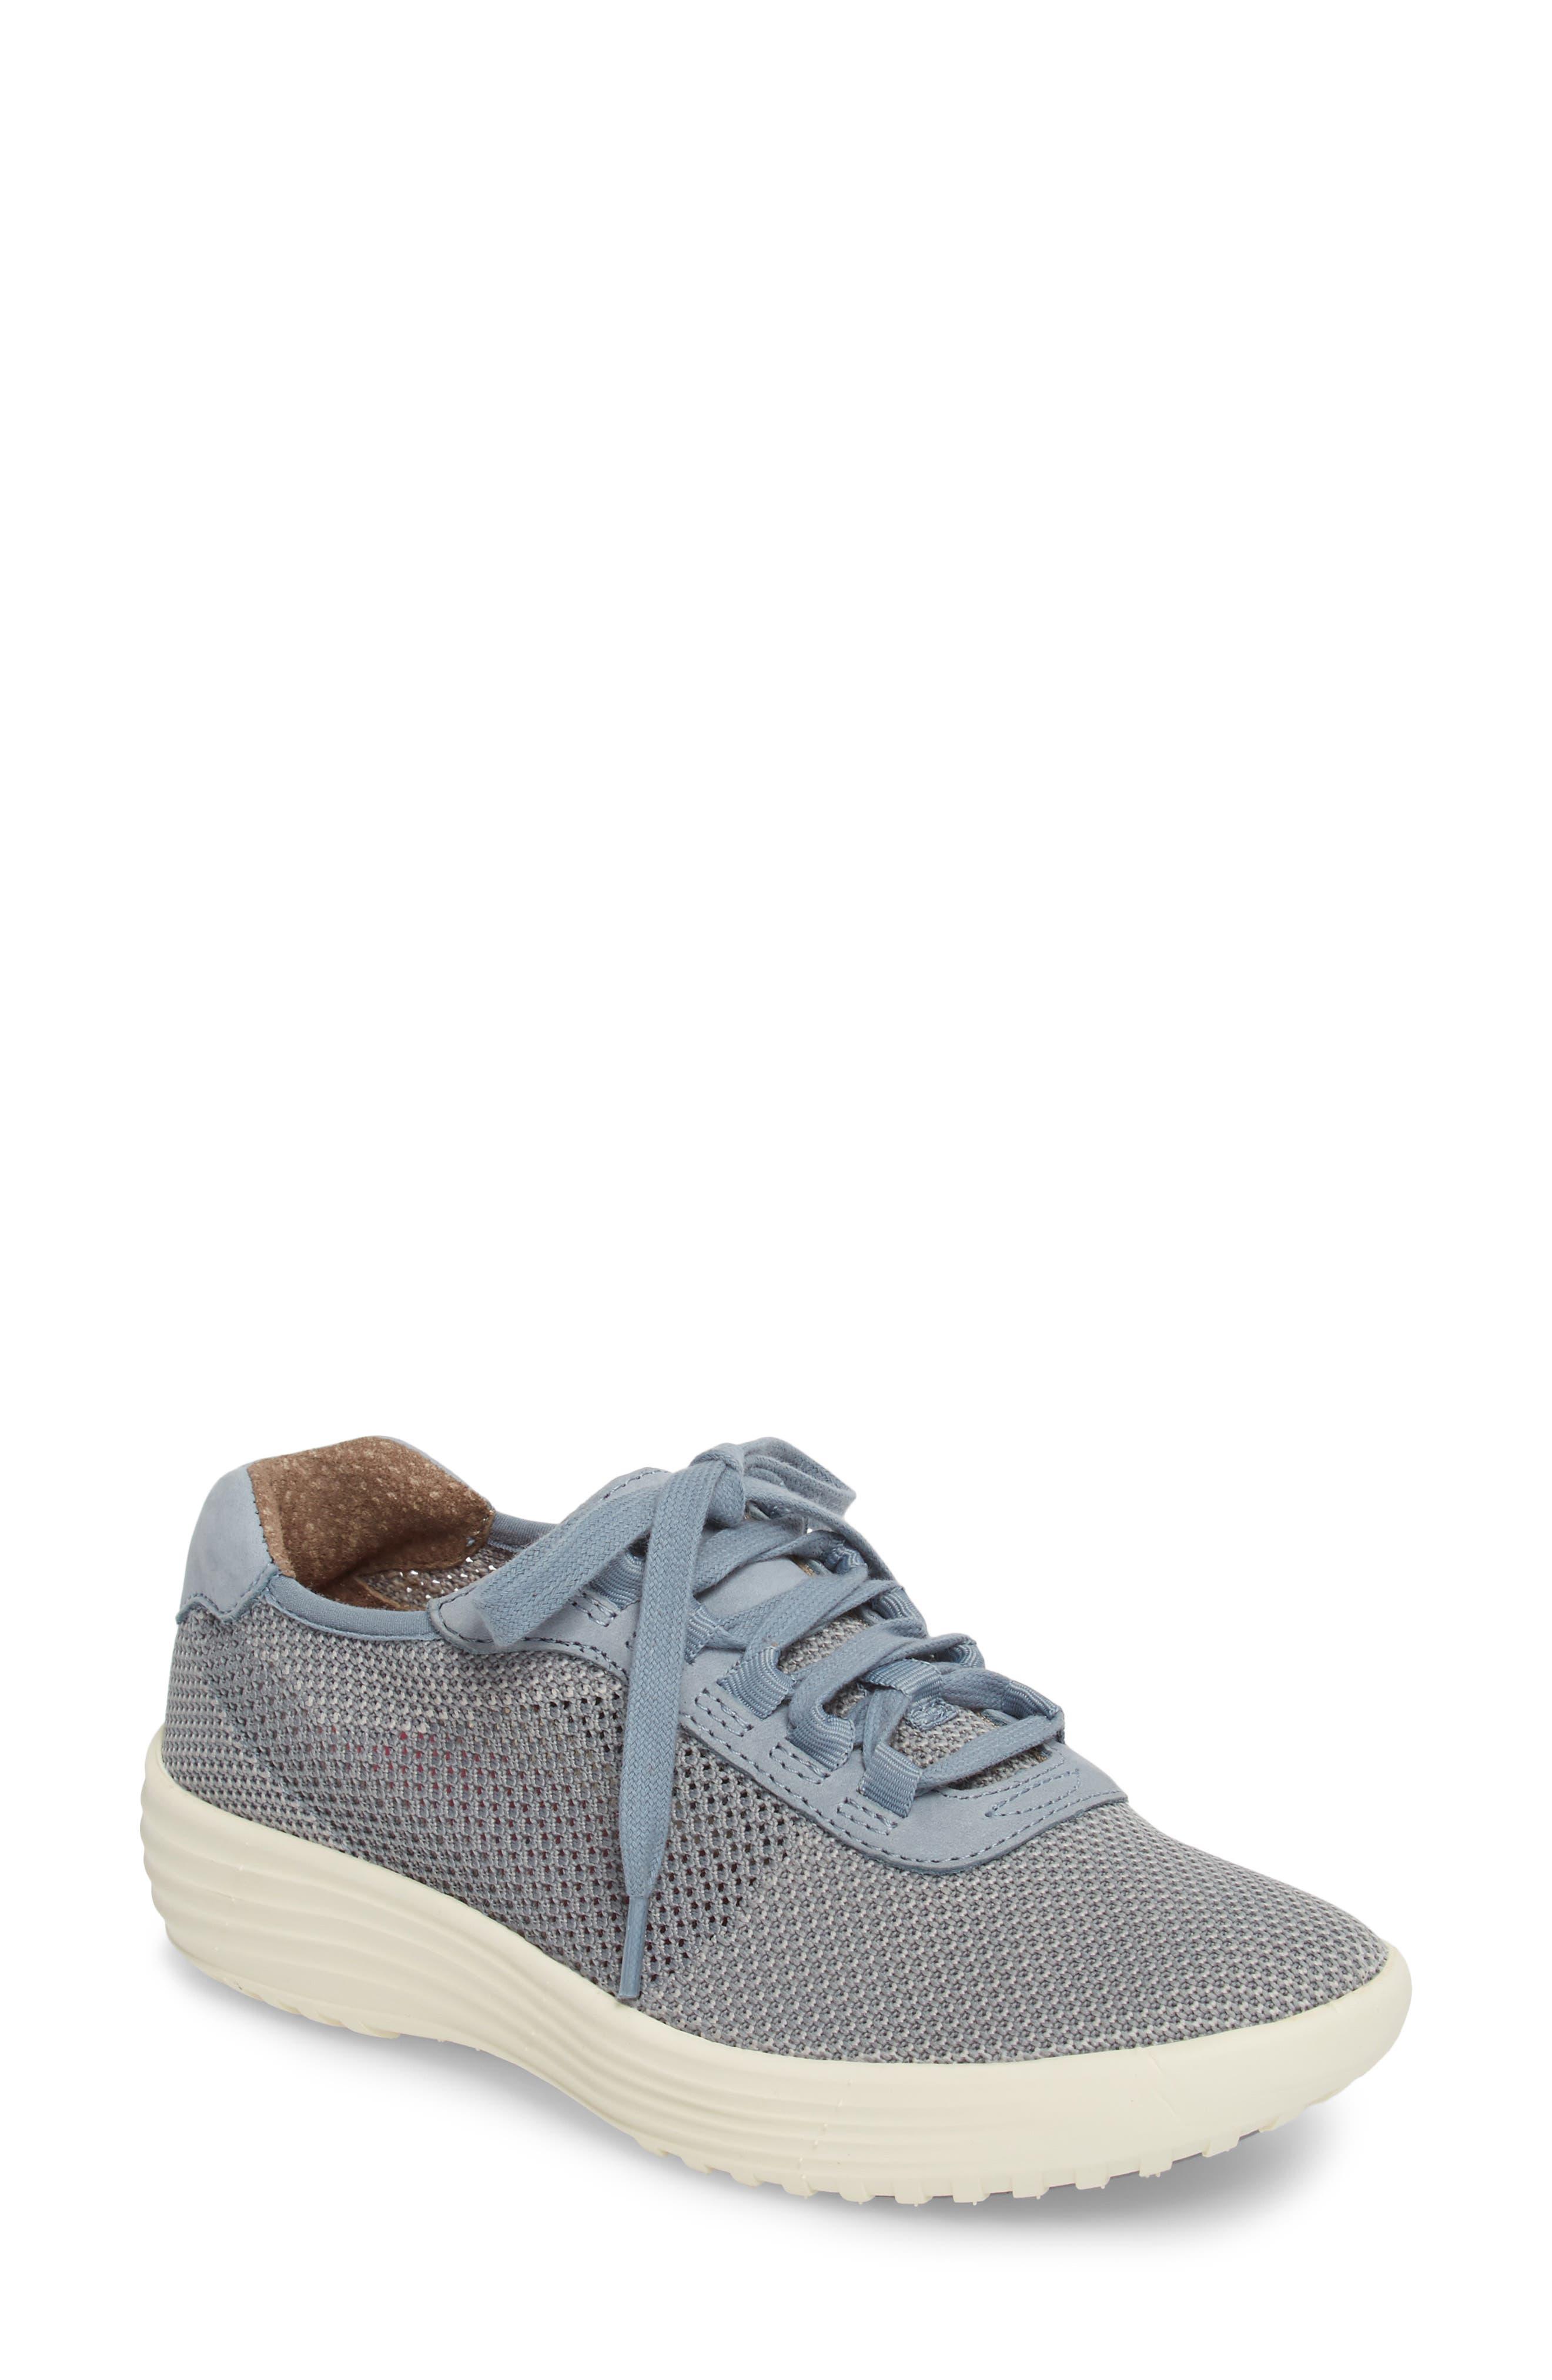 Bionica Malibu Sneaker, Blue